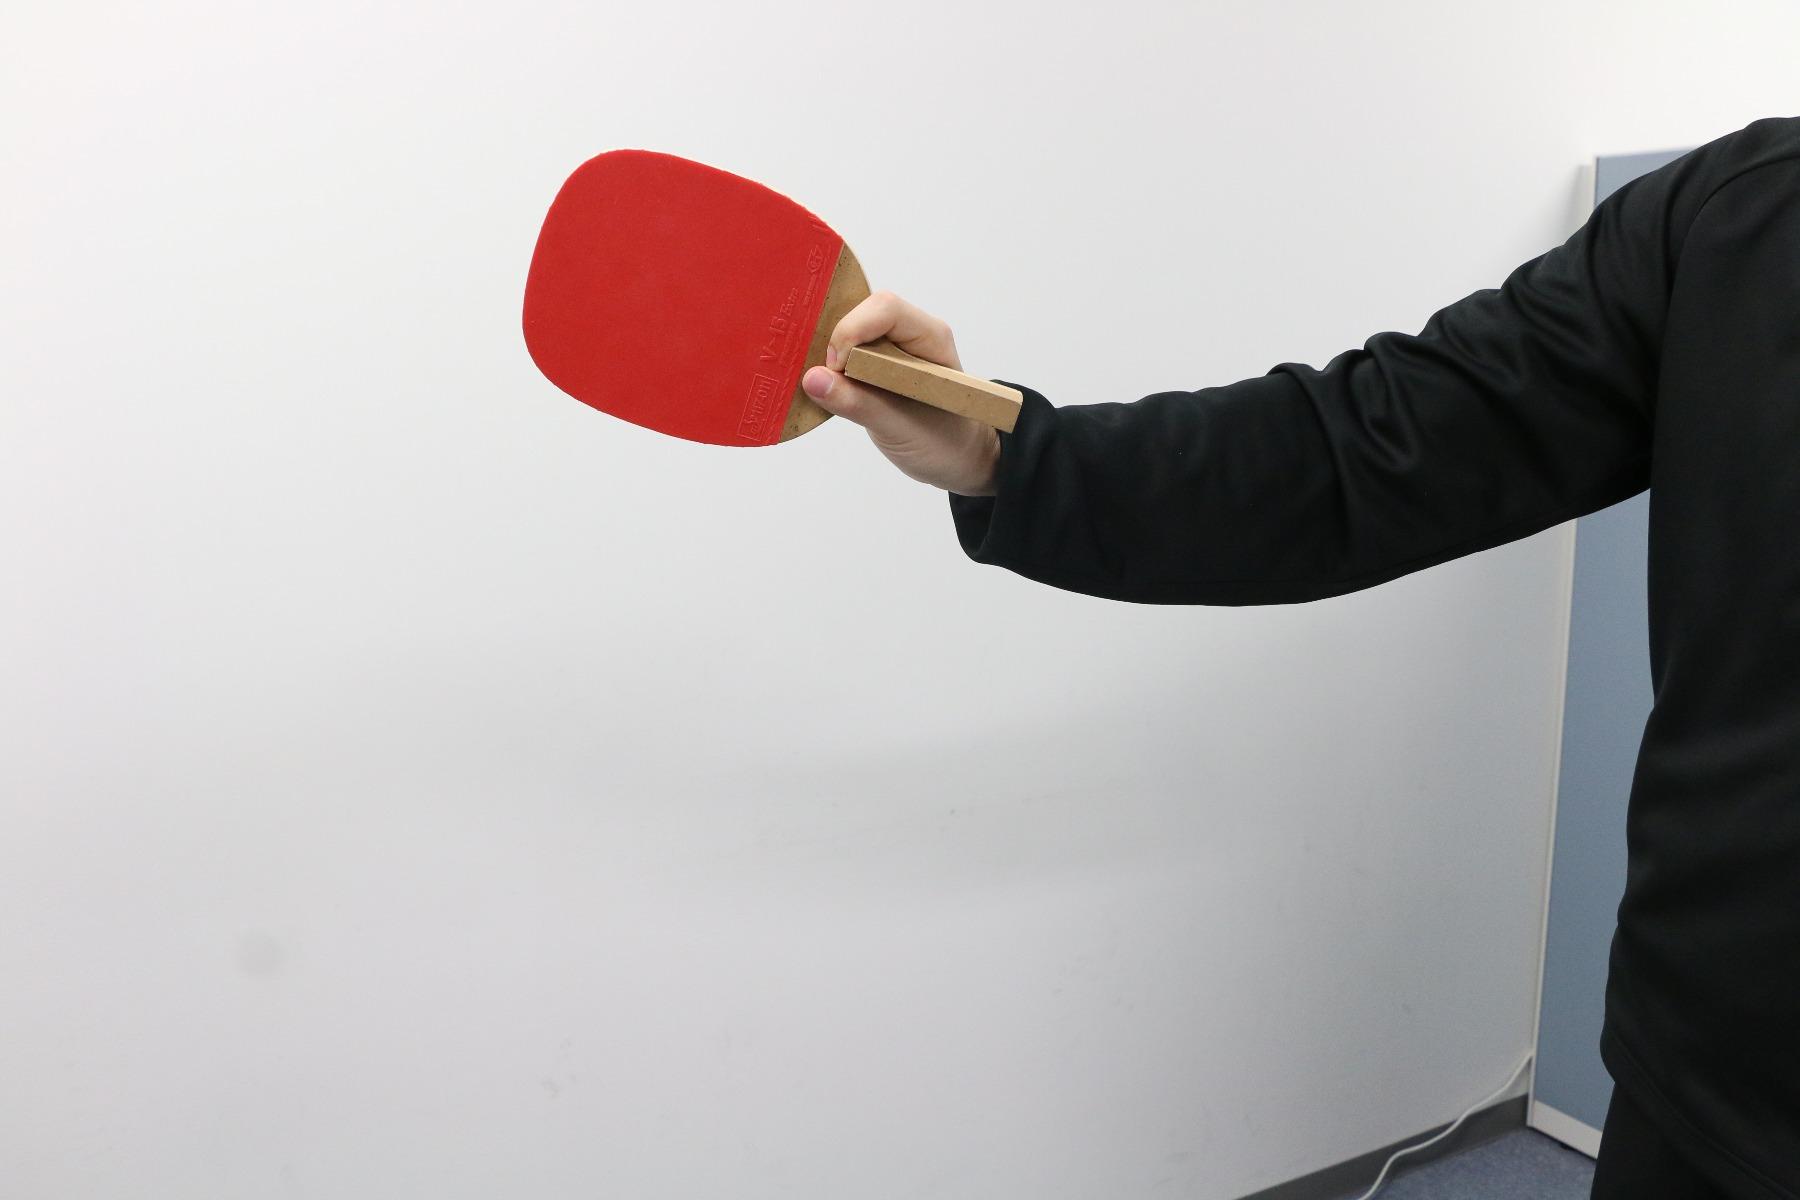 卓球 グリップ